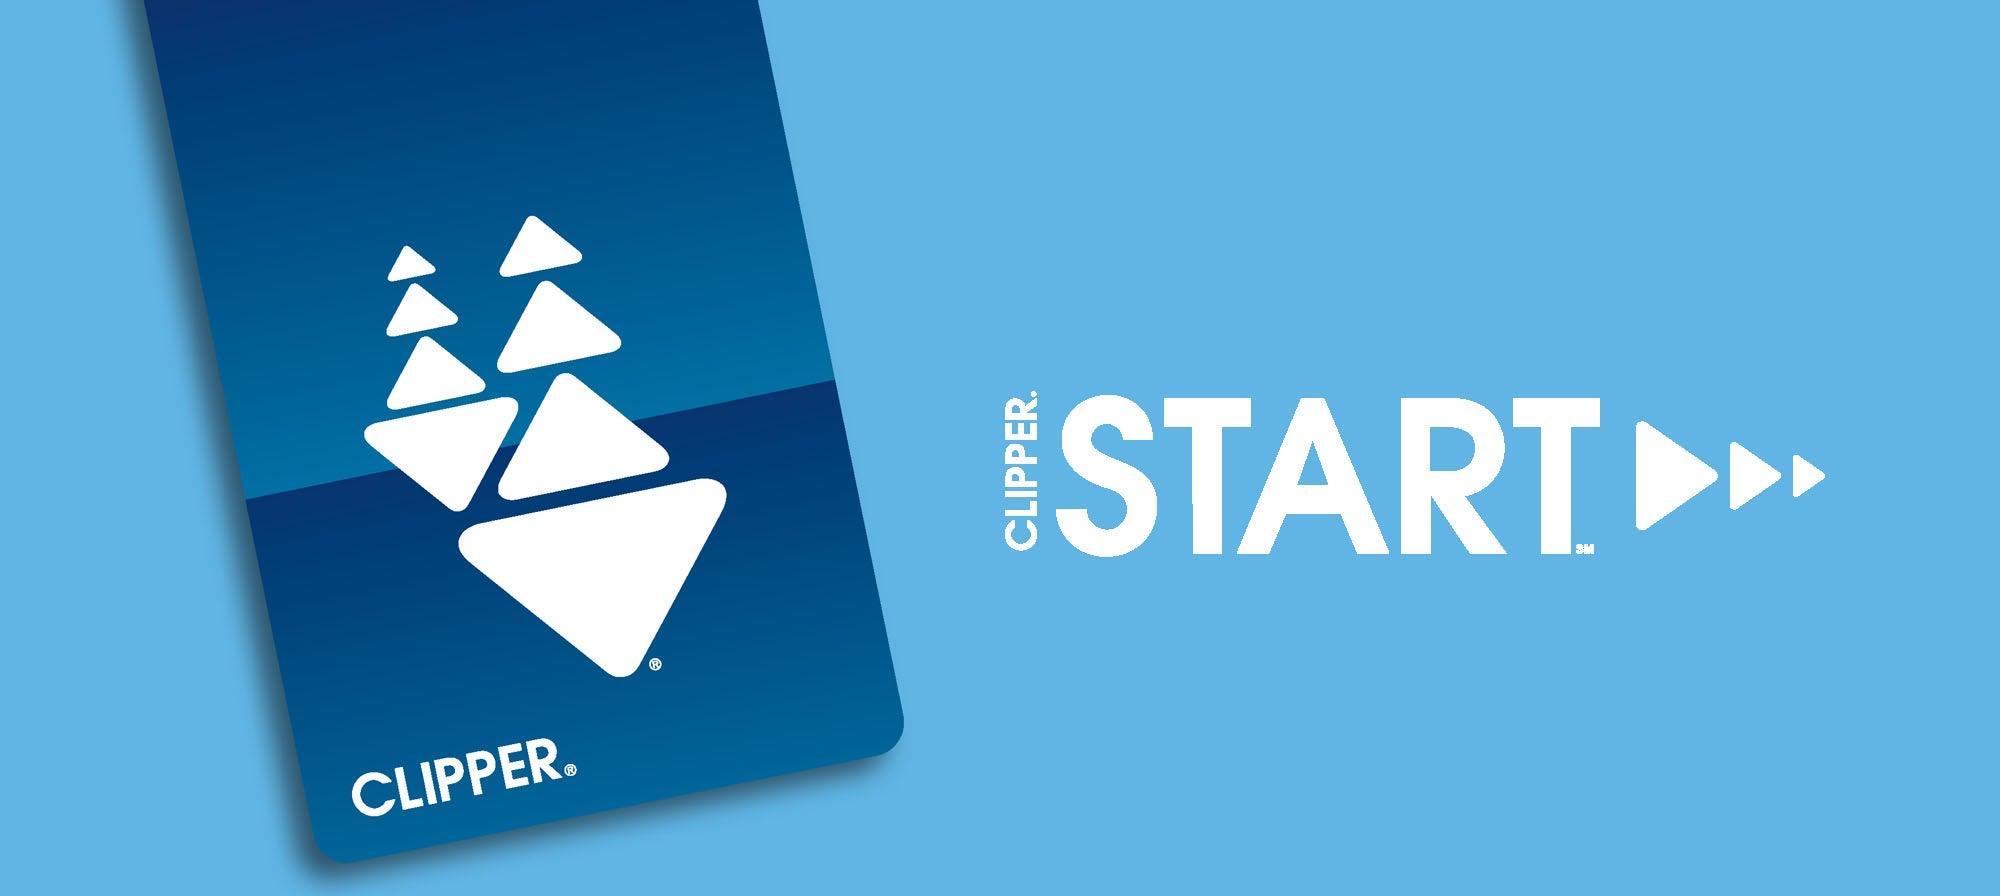 Clipper Card and Clipper Start logo